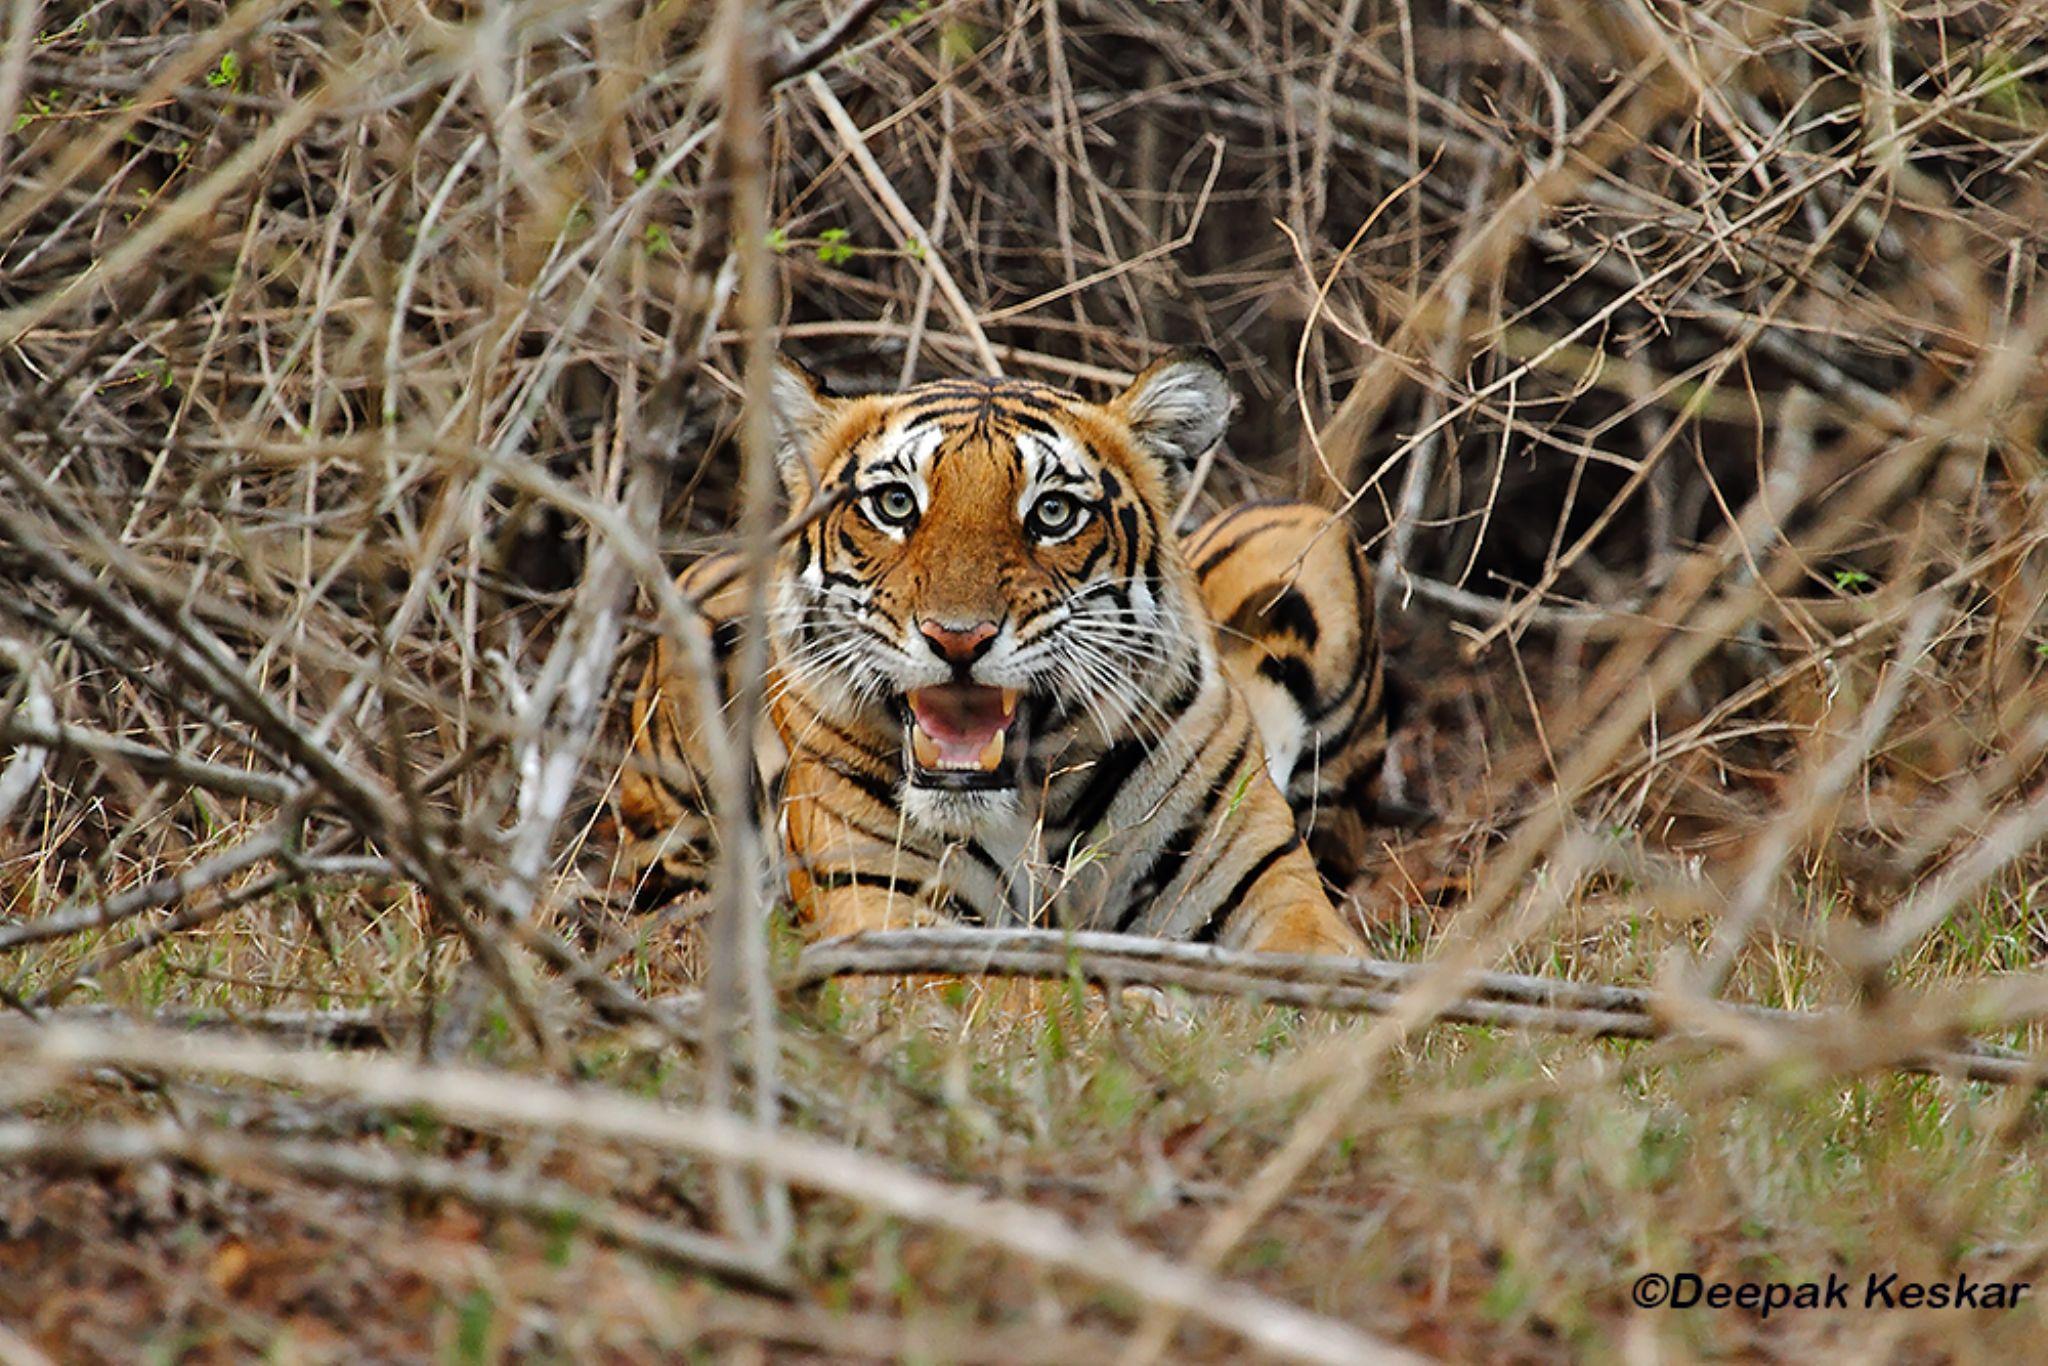 Snarling Tigress by Deepak Keskar